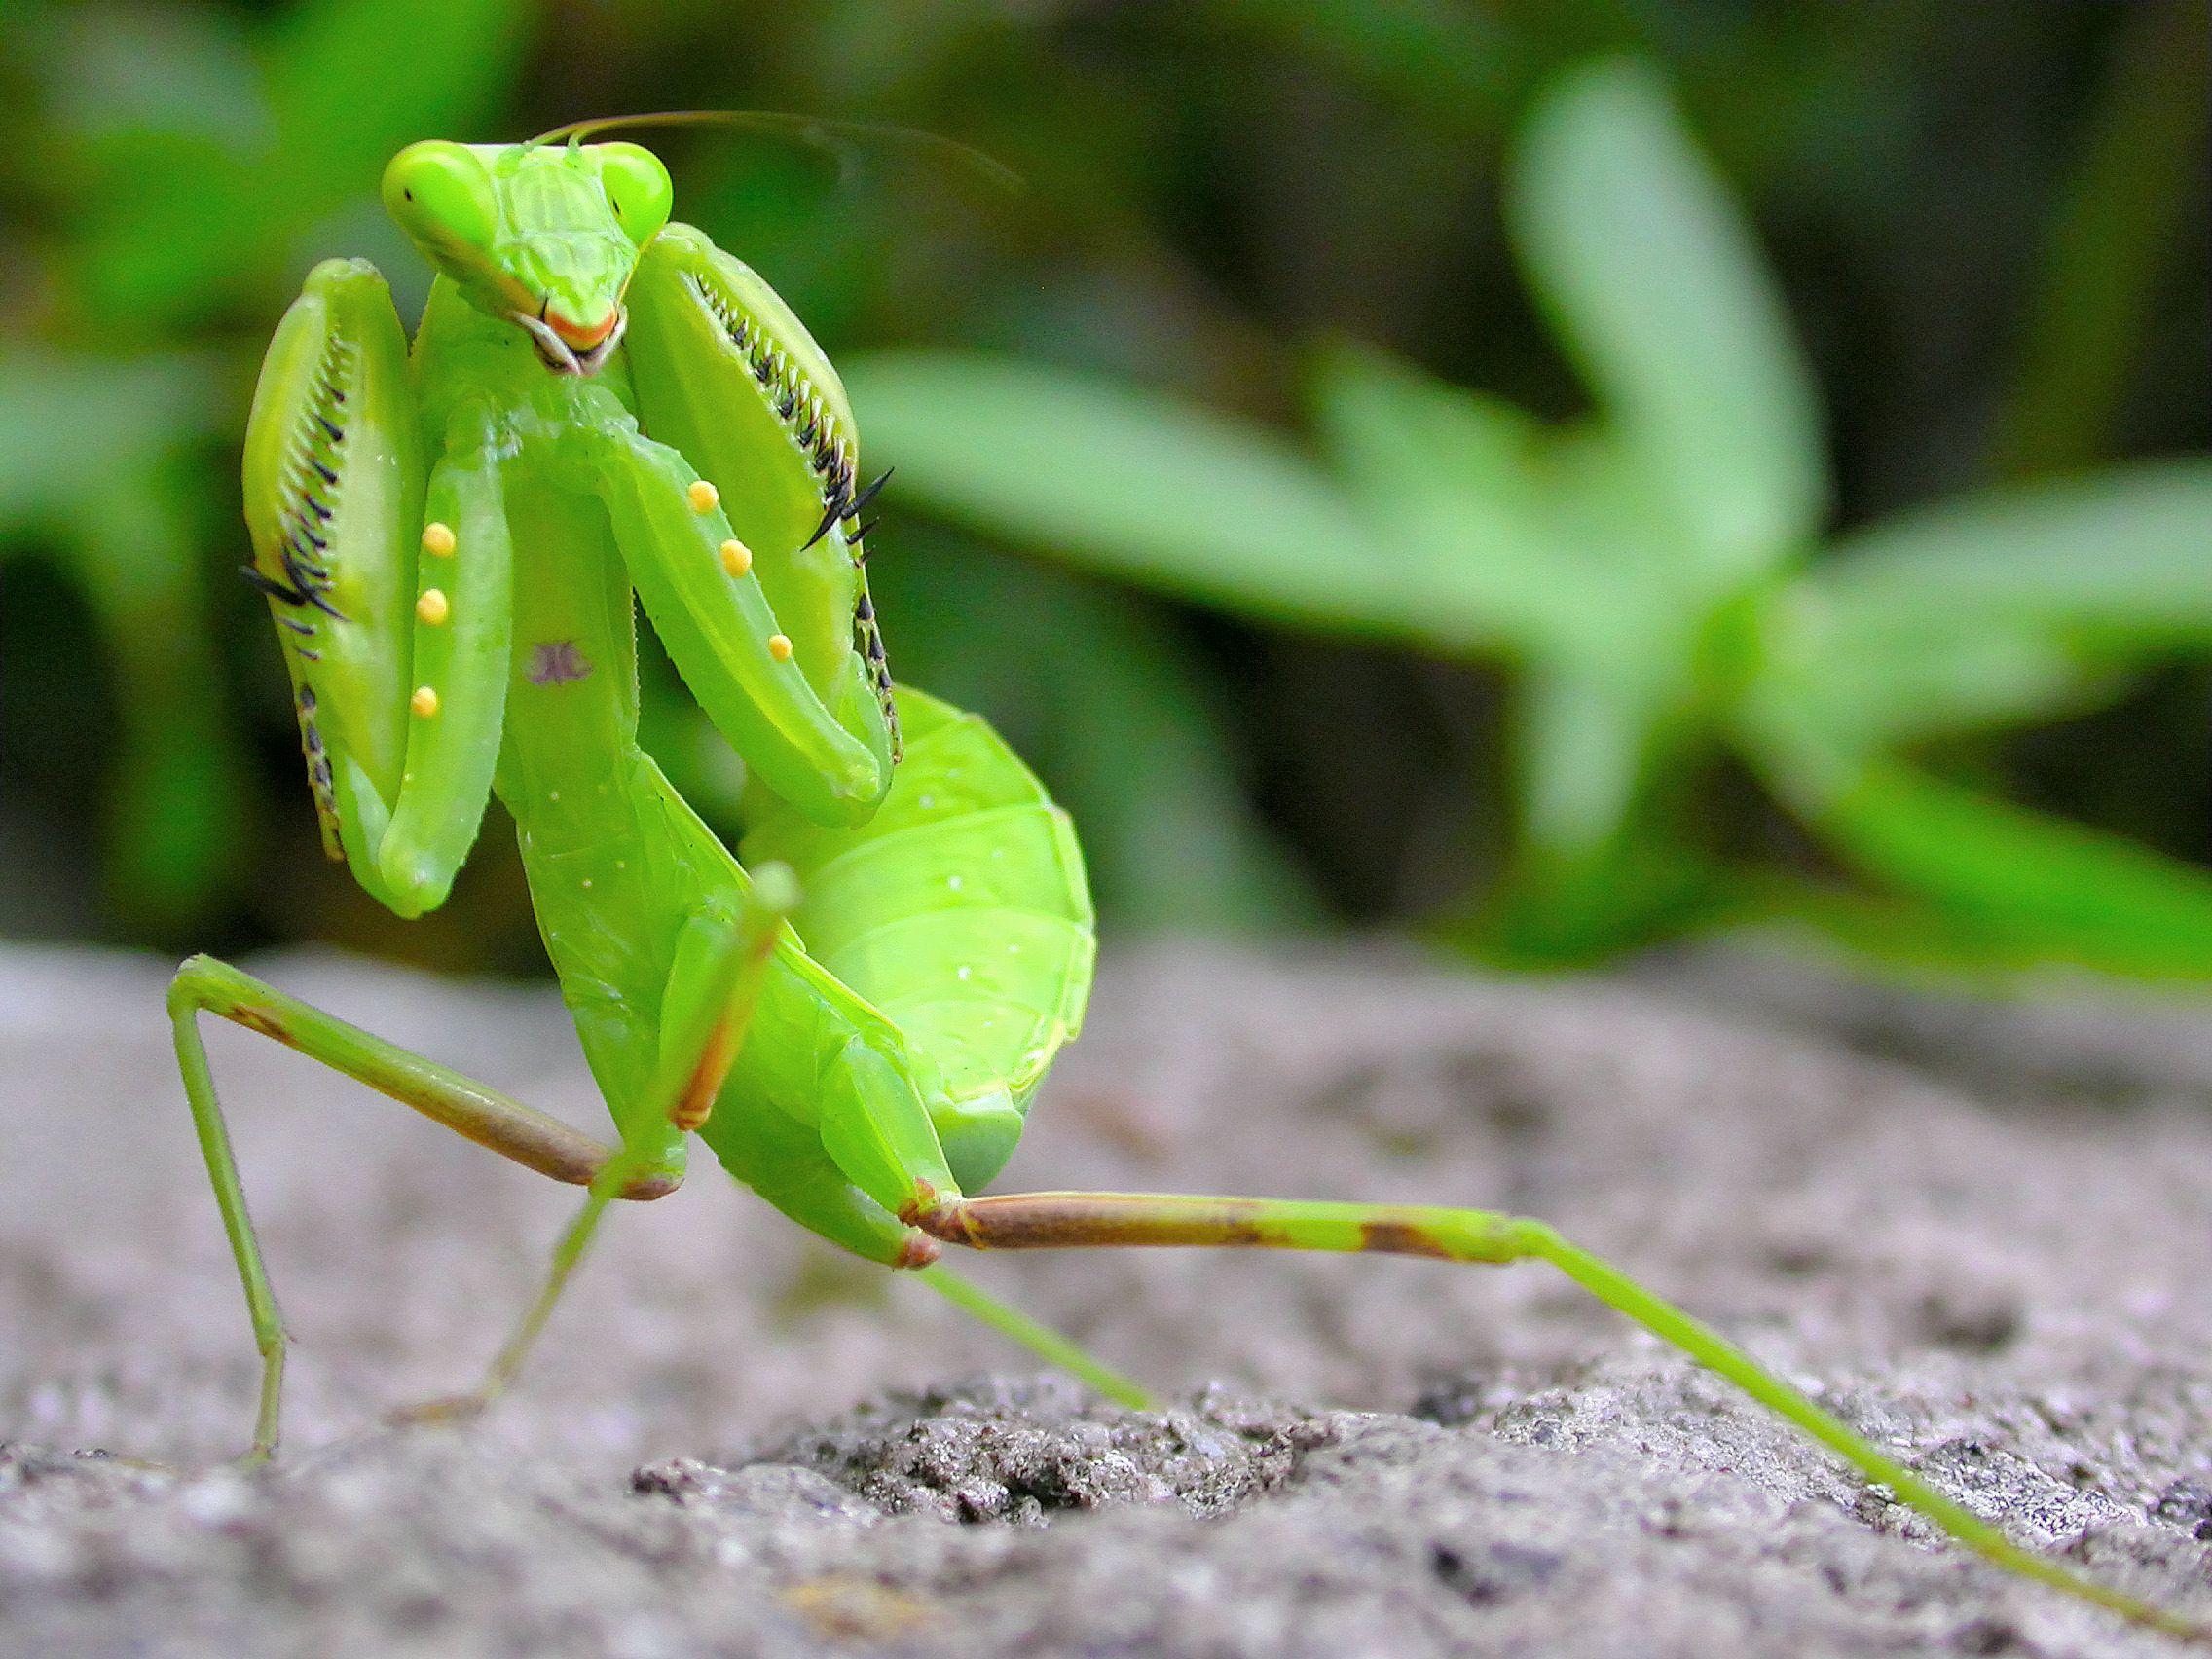 10 Fascinating Praying Mantis Facts